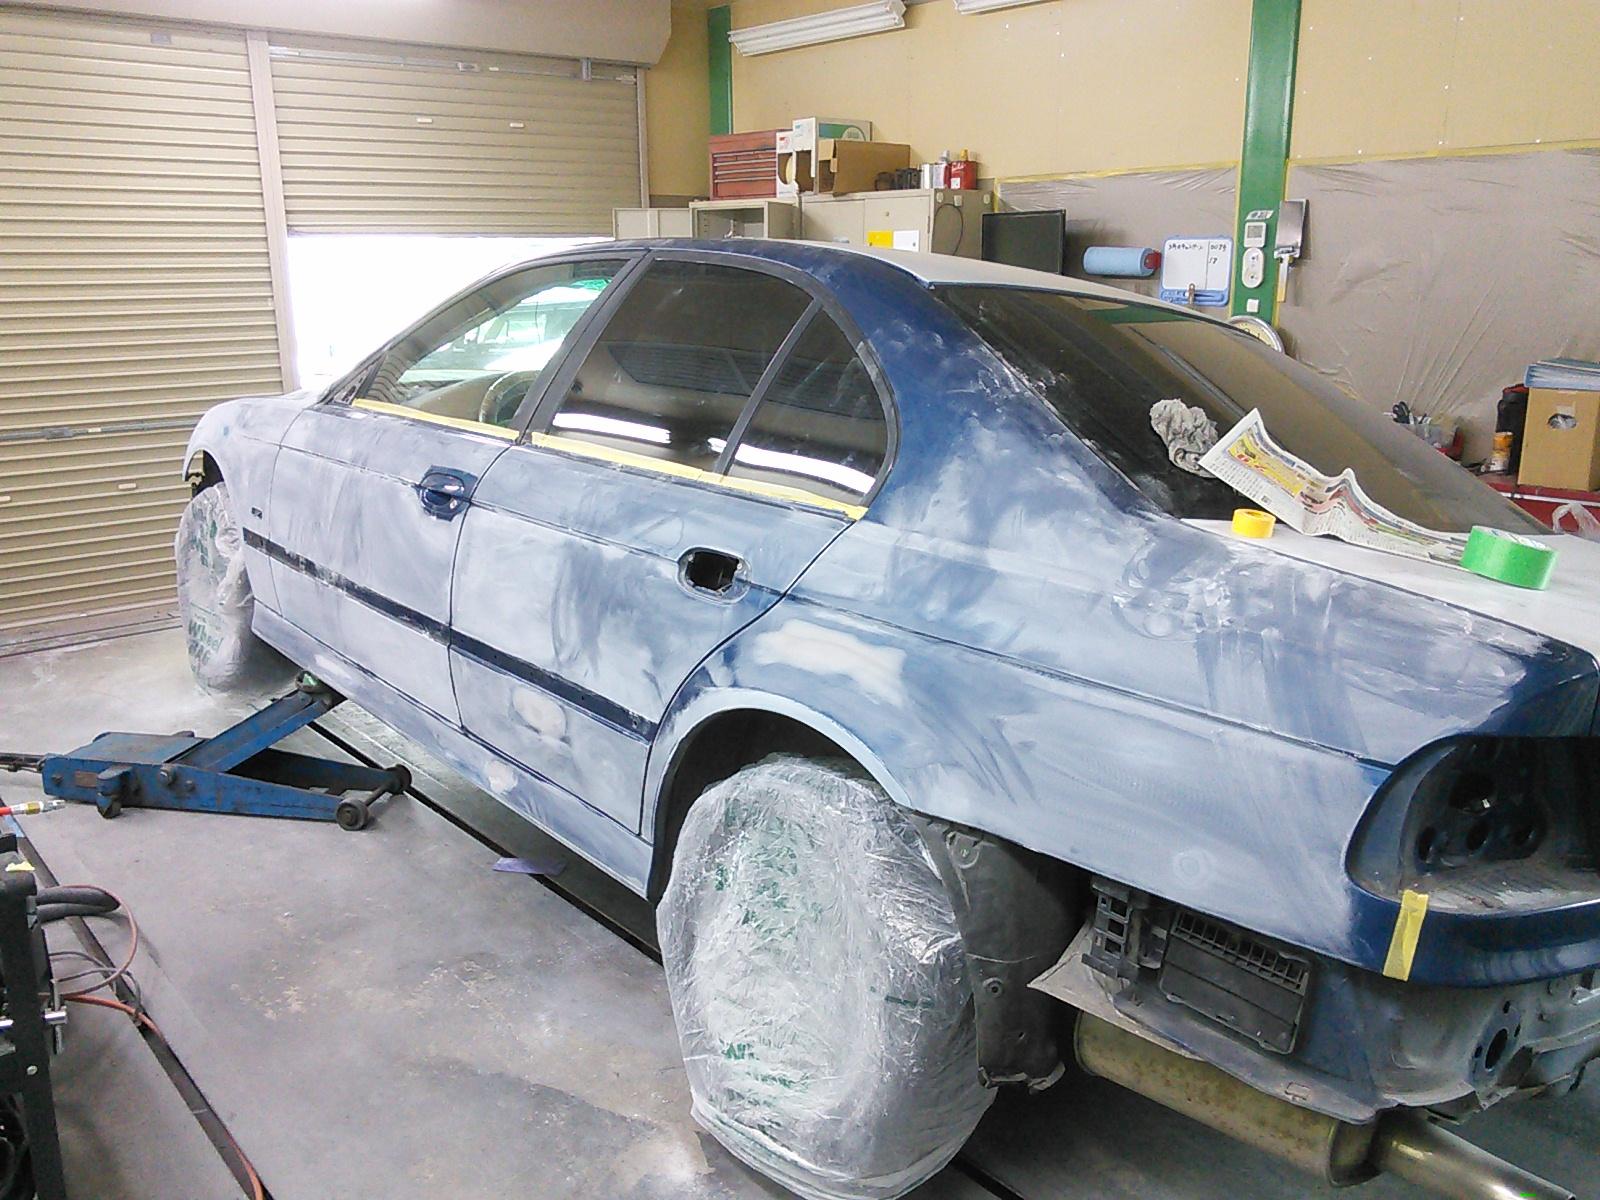 BMW 5シリーズ E39 全塗装 その2  豊田市  板金塗装